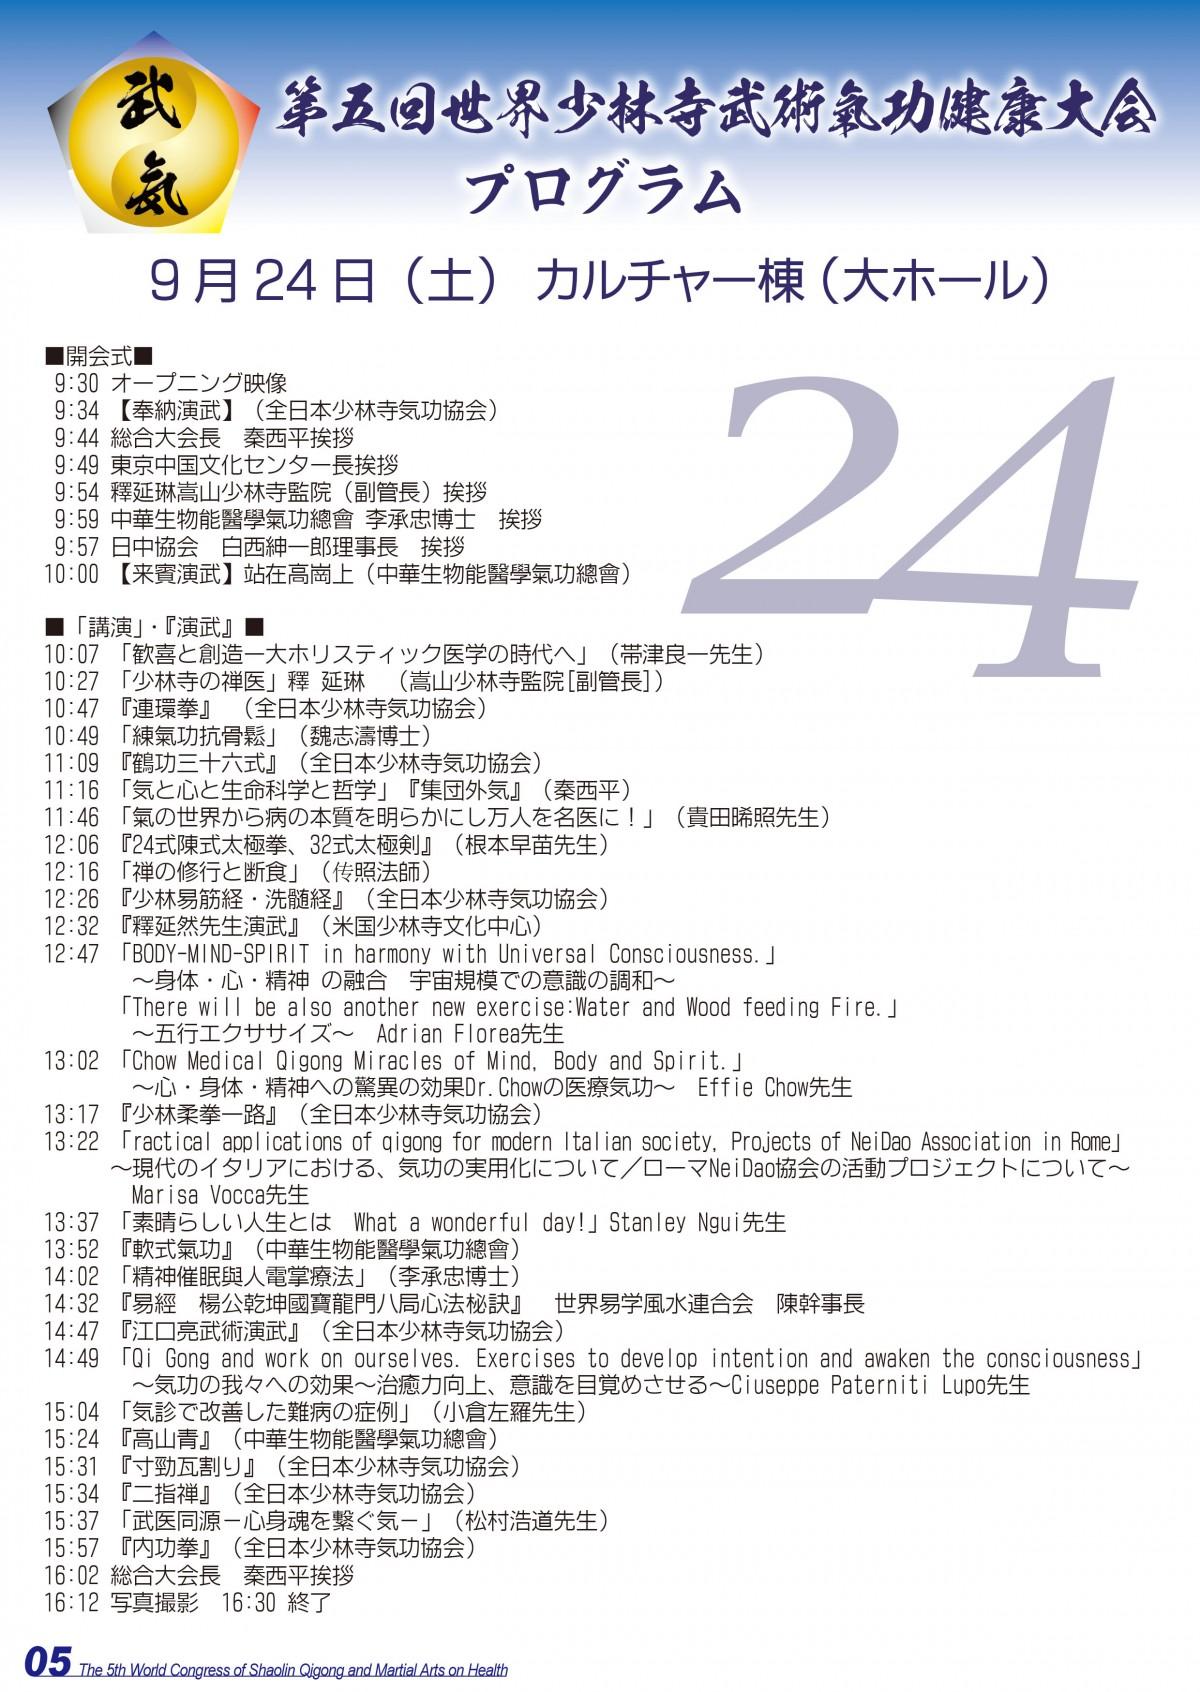 06プログラム01